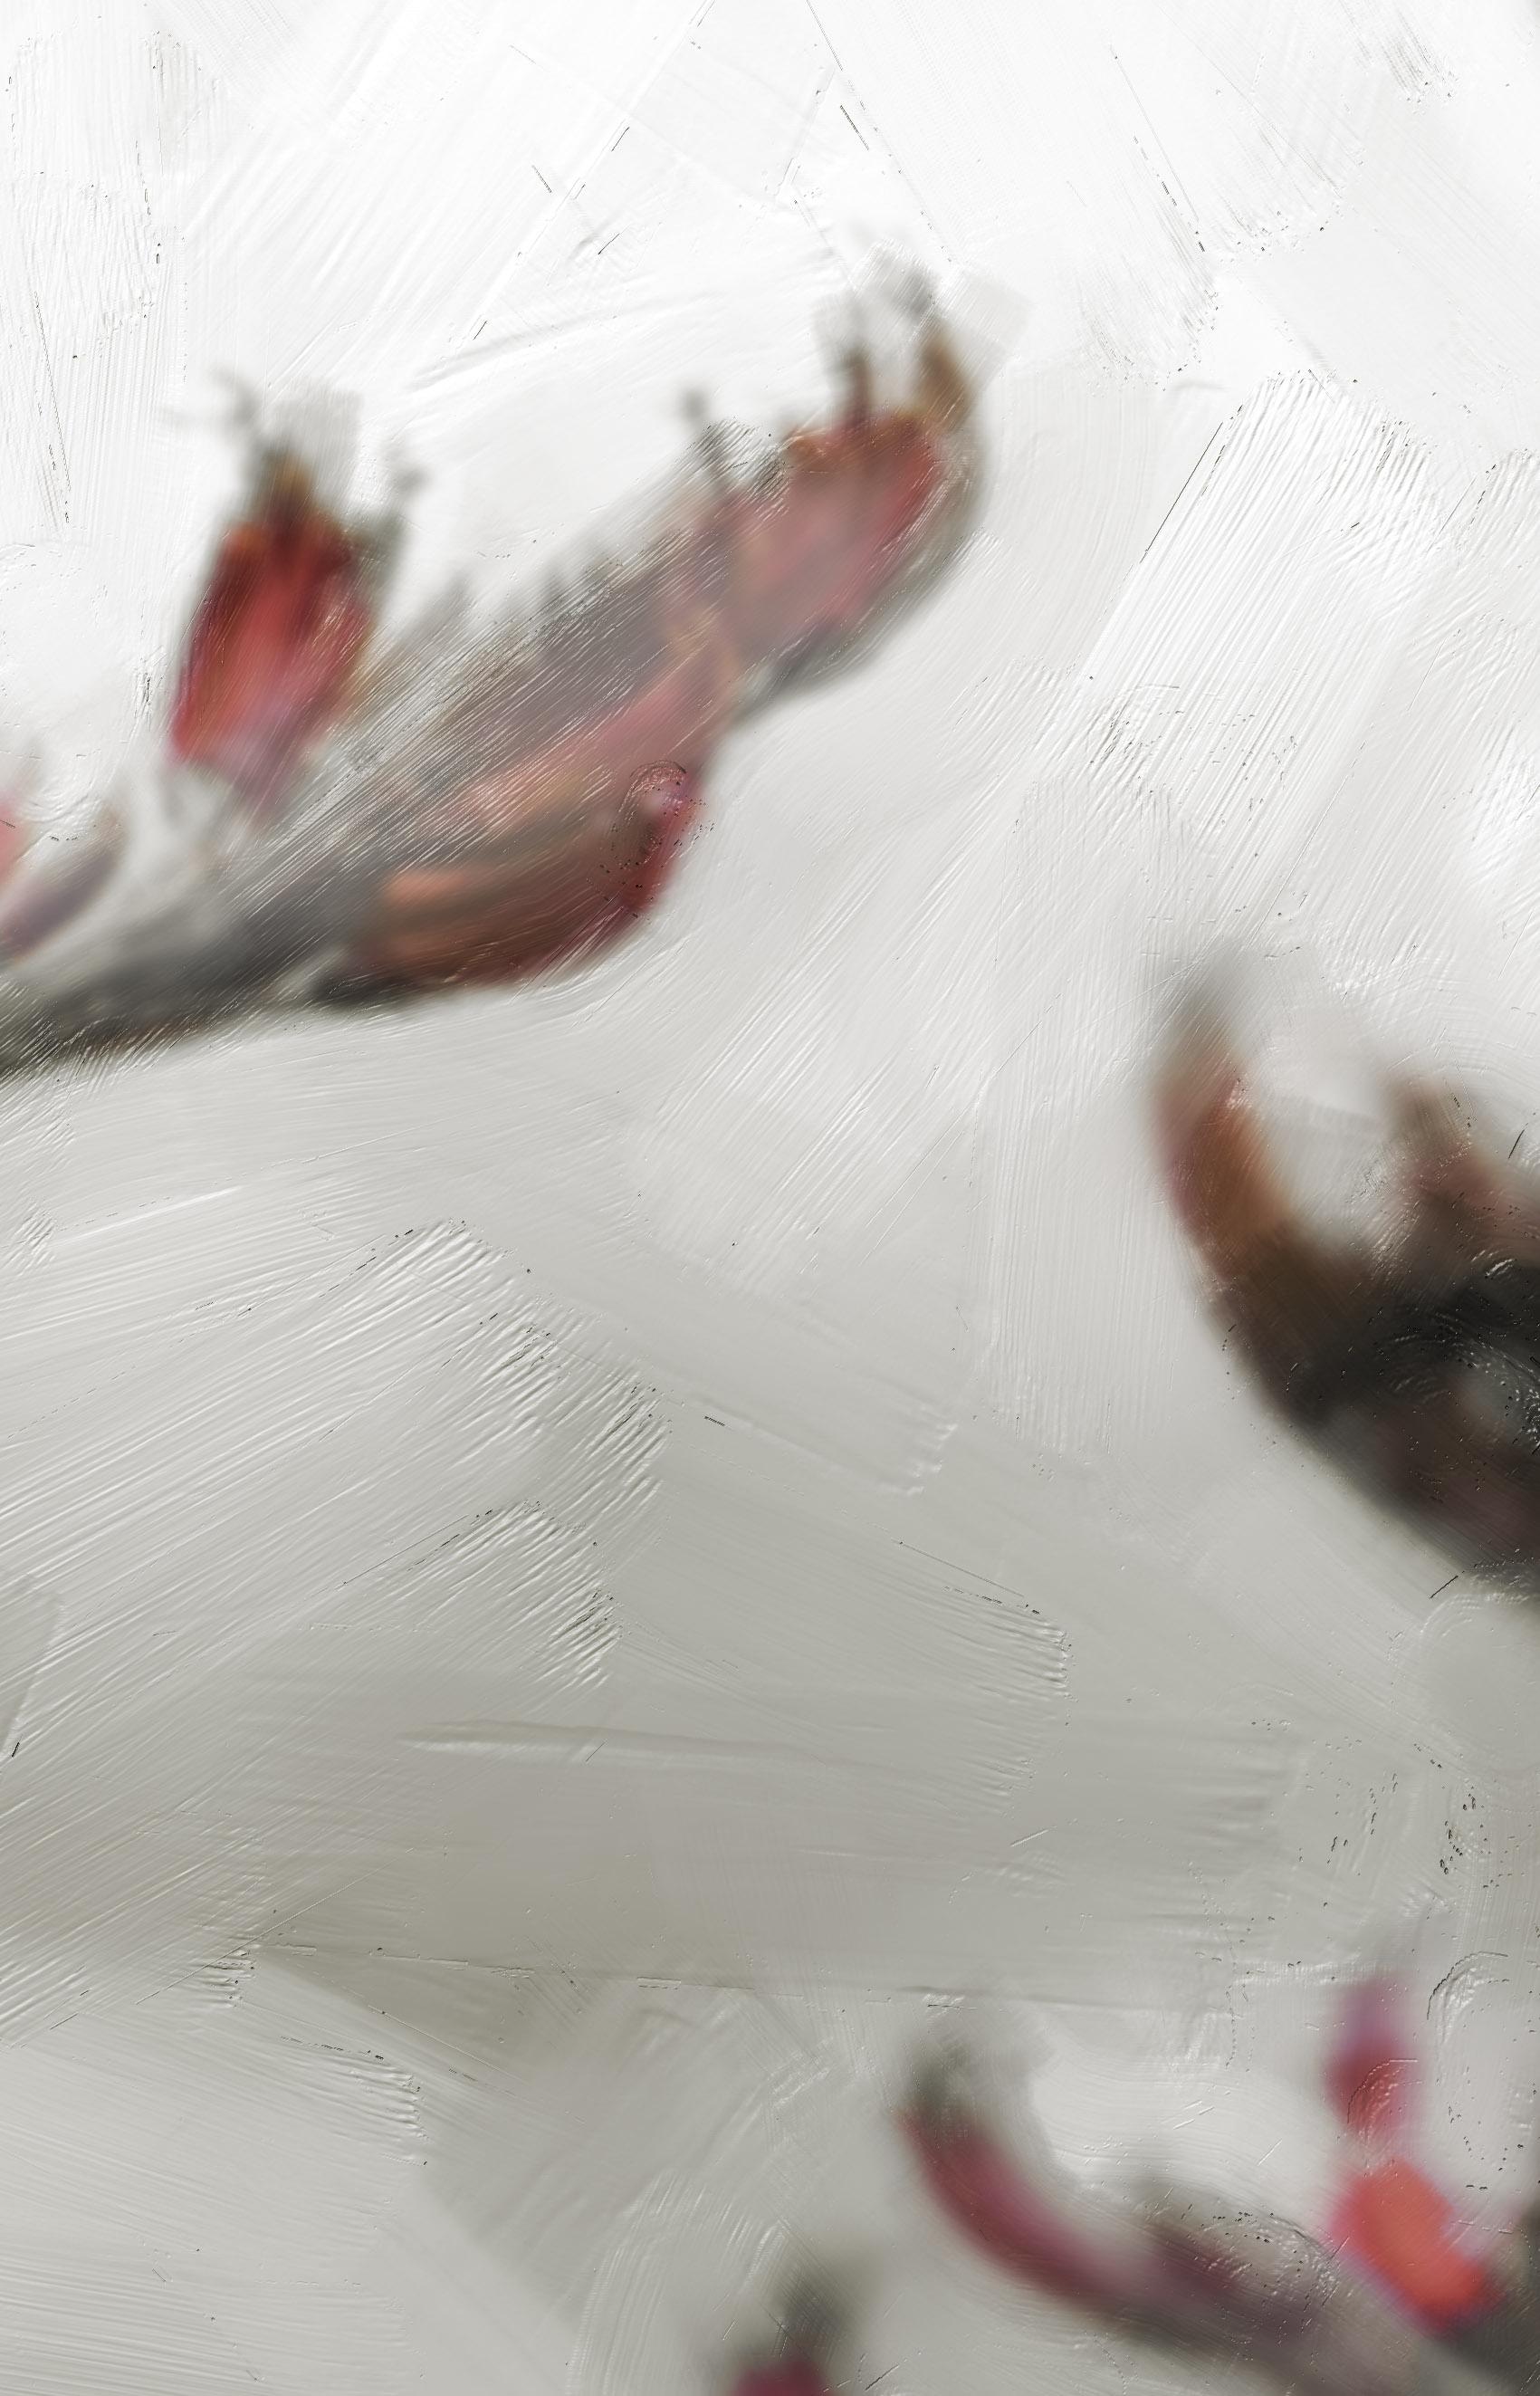 'MINIMALIST FLAX' SEPIA (digital painting) printed image on glass splashback - detail